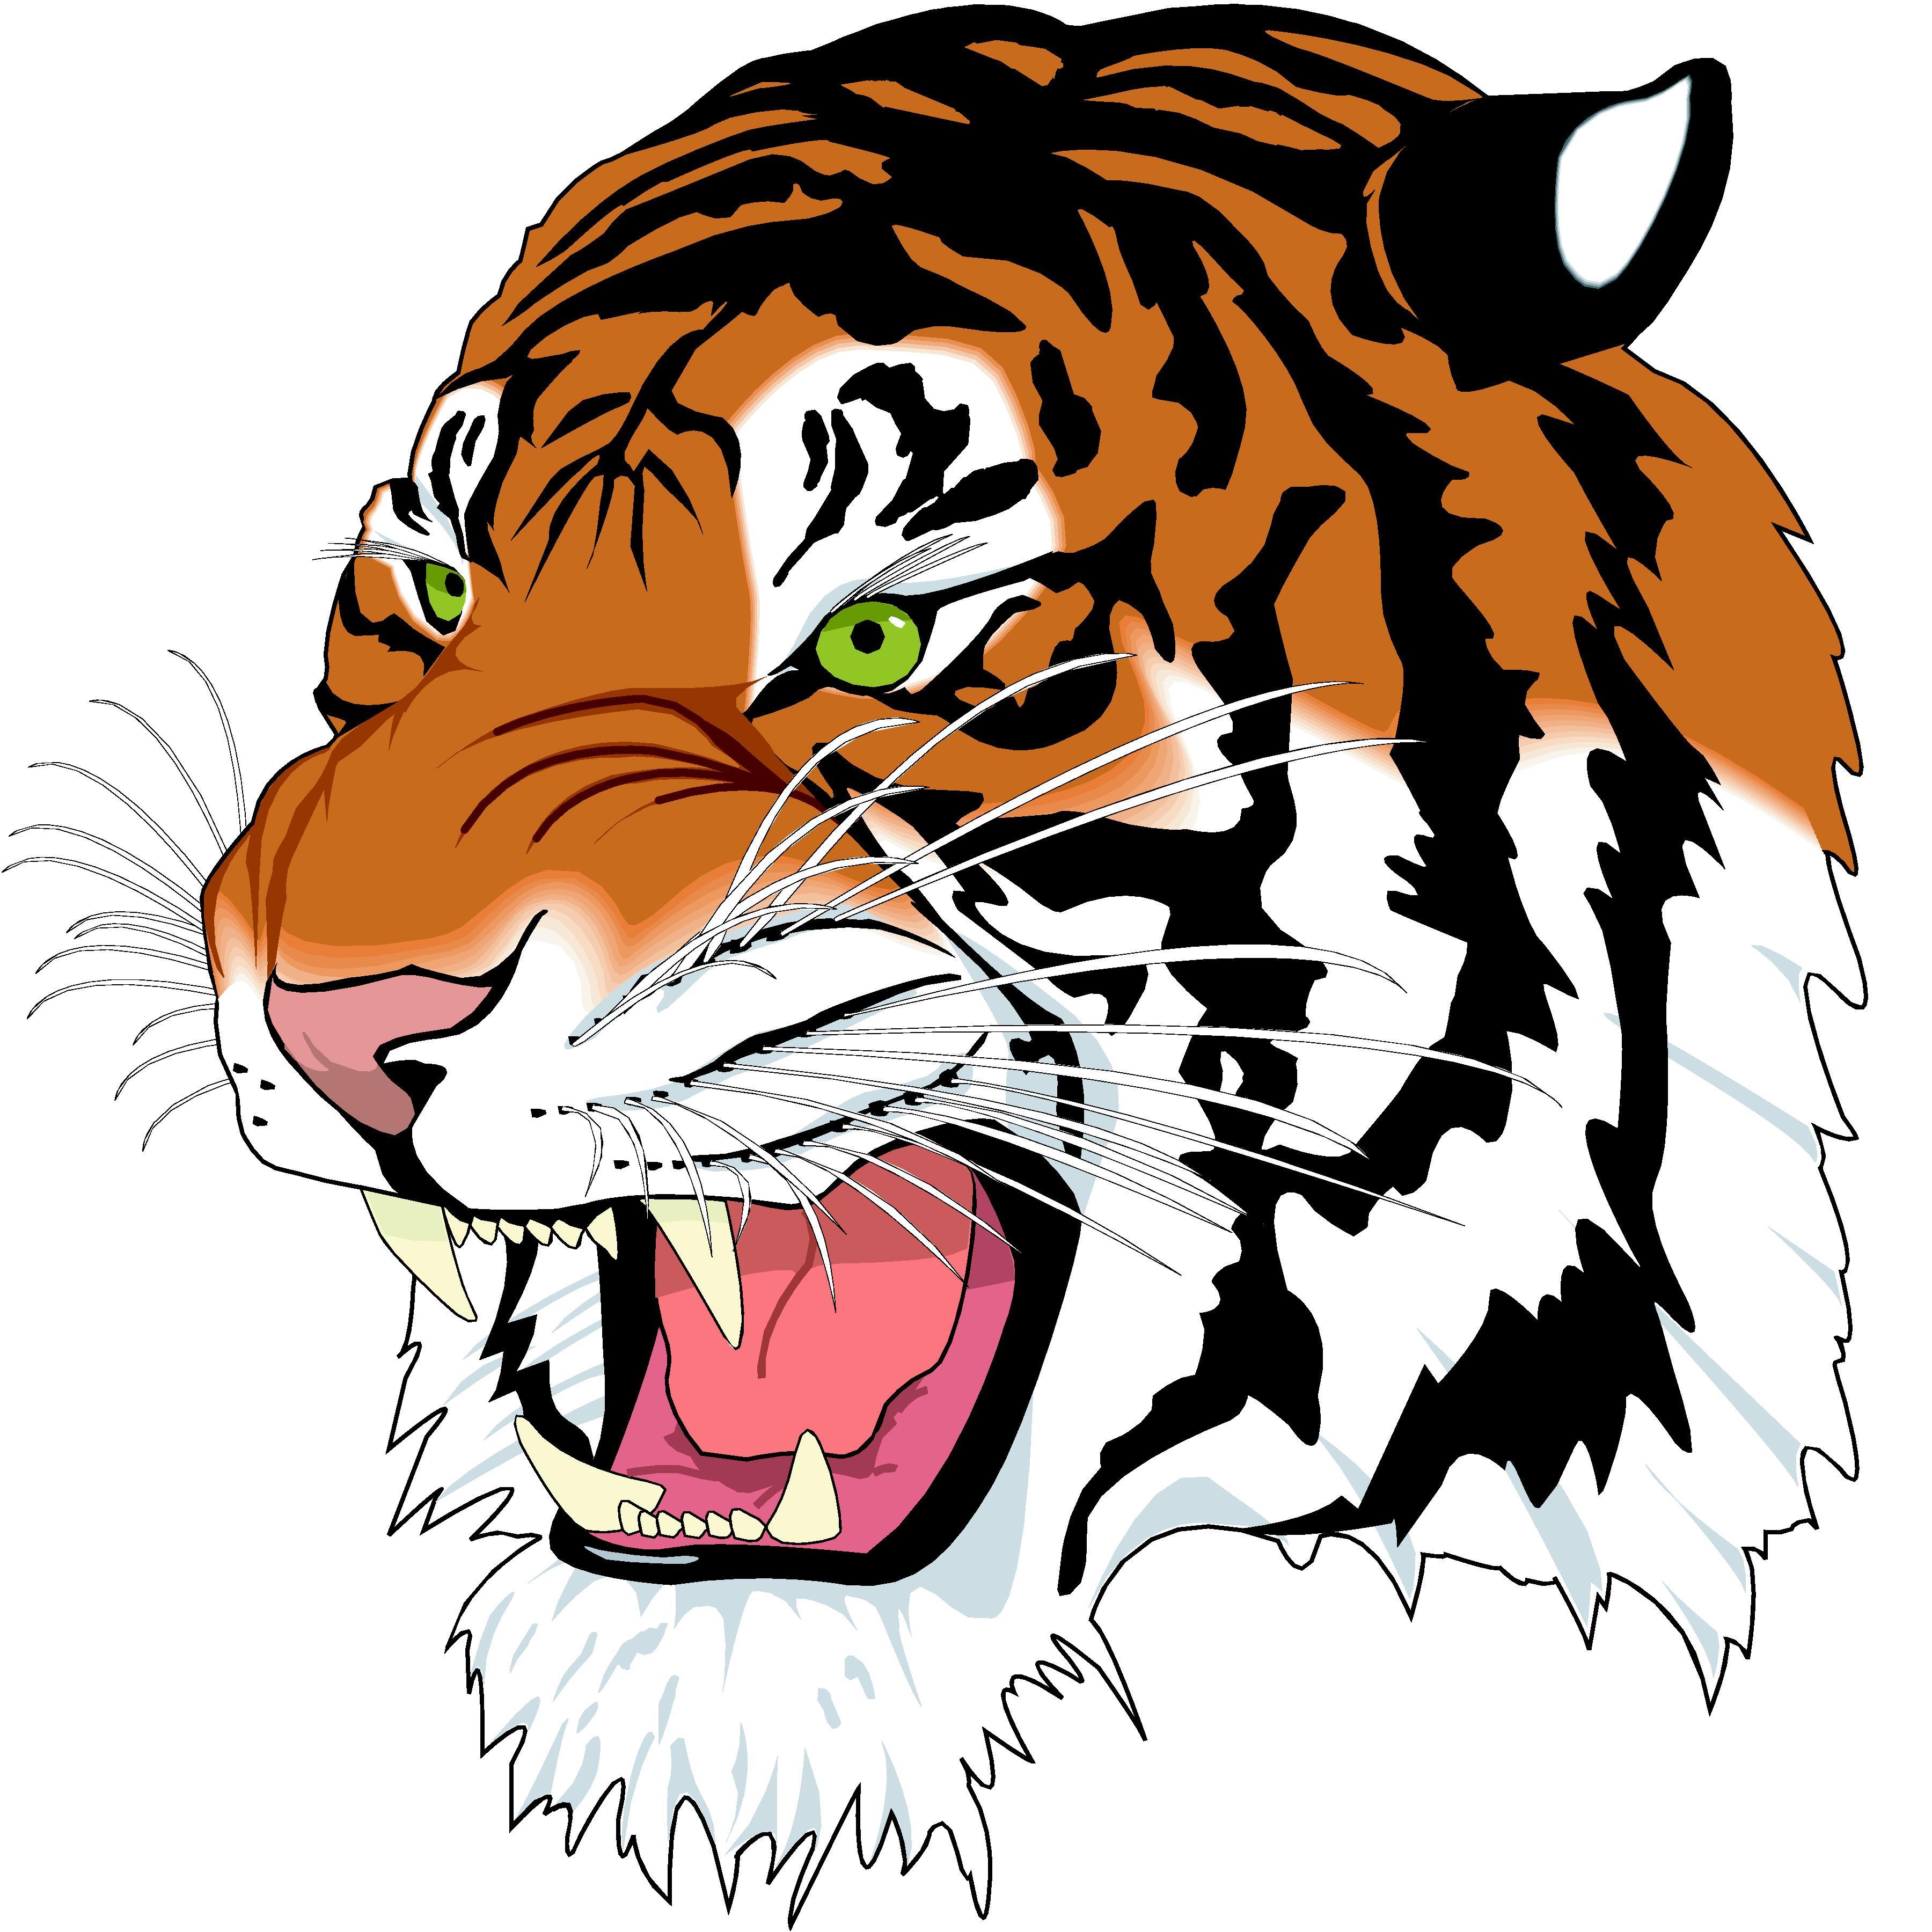 Roaring tiger head clipart clip transparent download 18+ Tiger Head Clip Art | ClipartLook clip transparent download